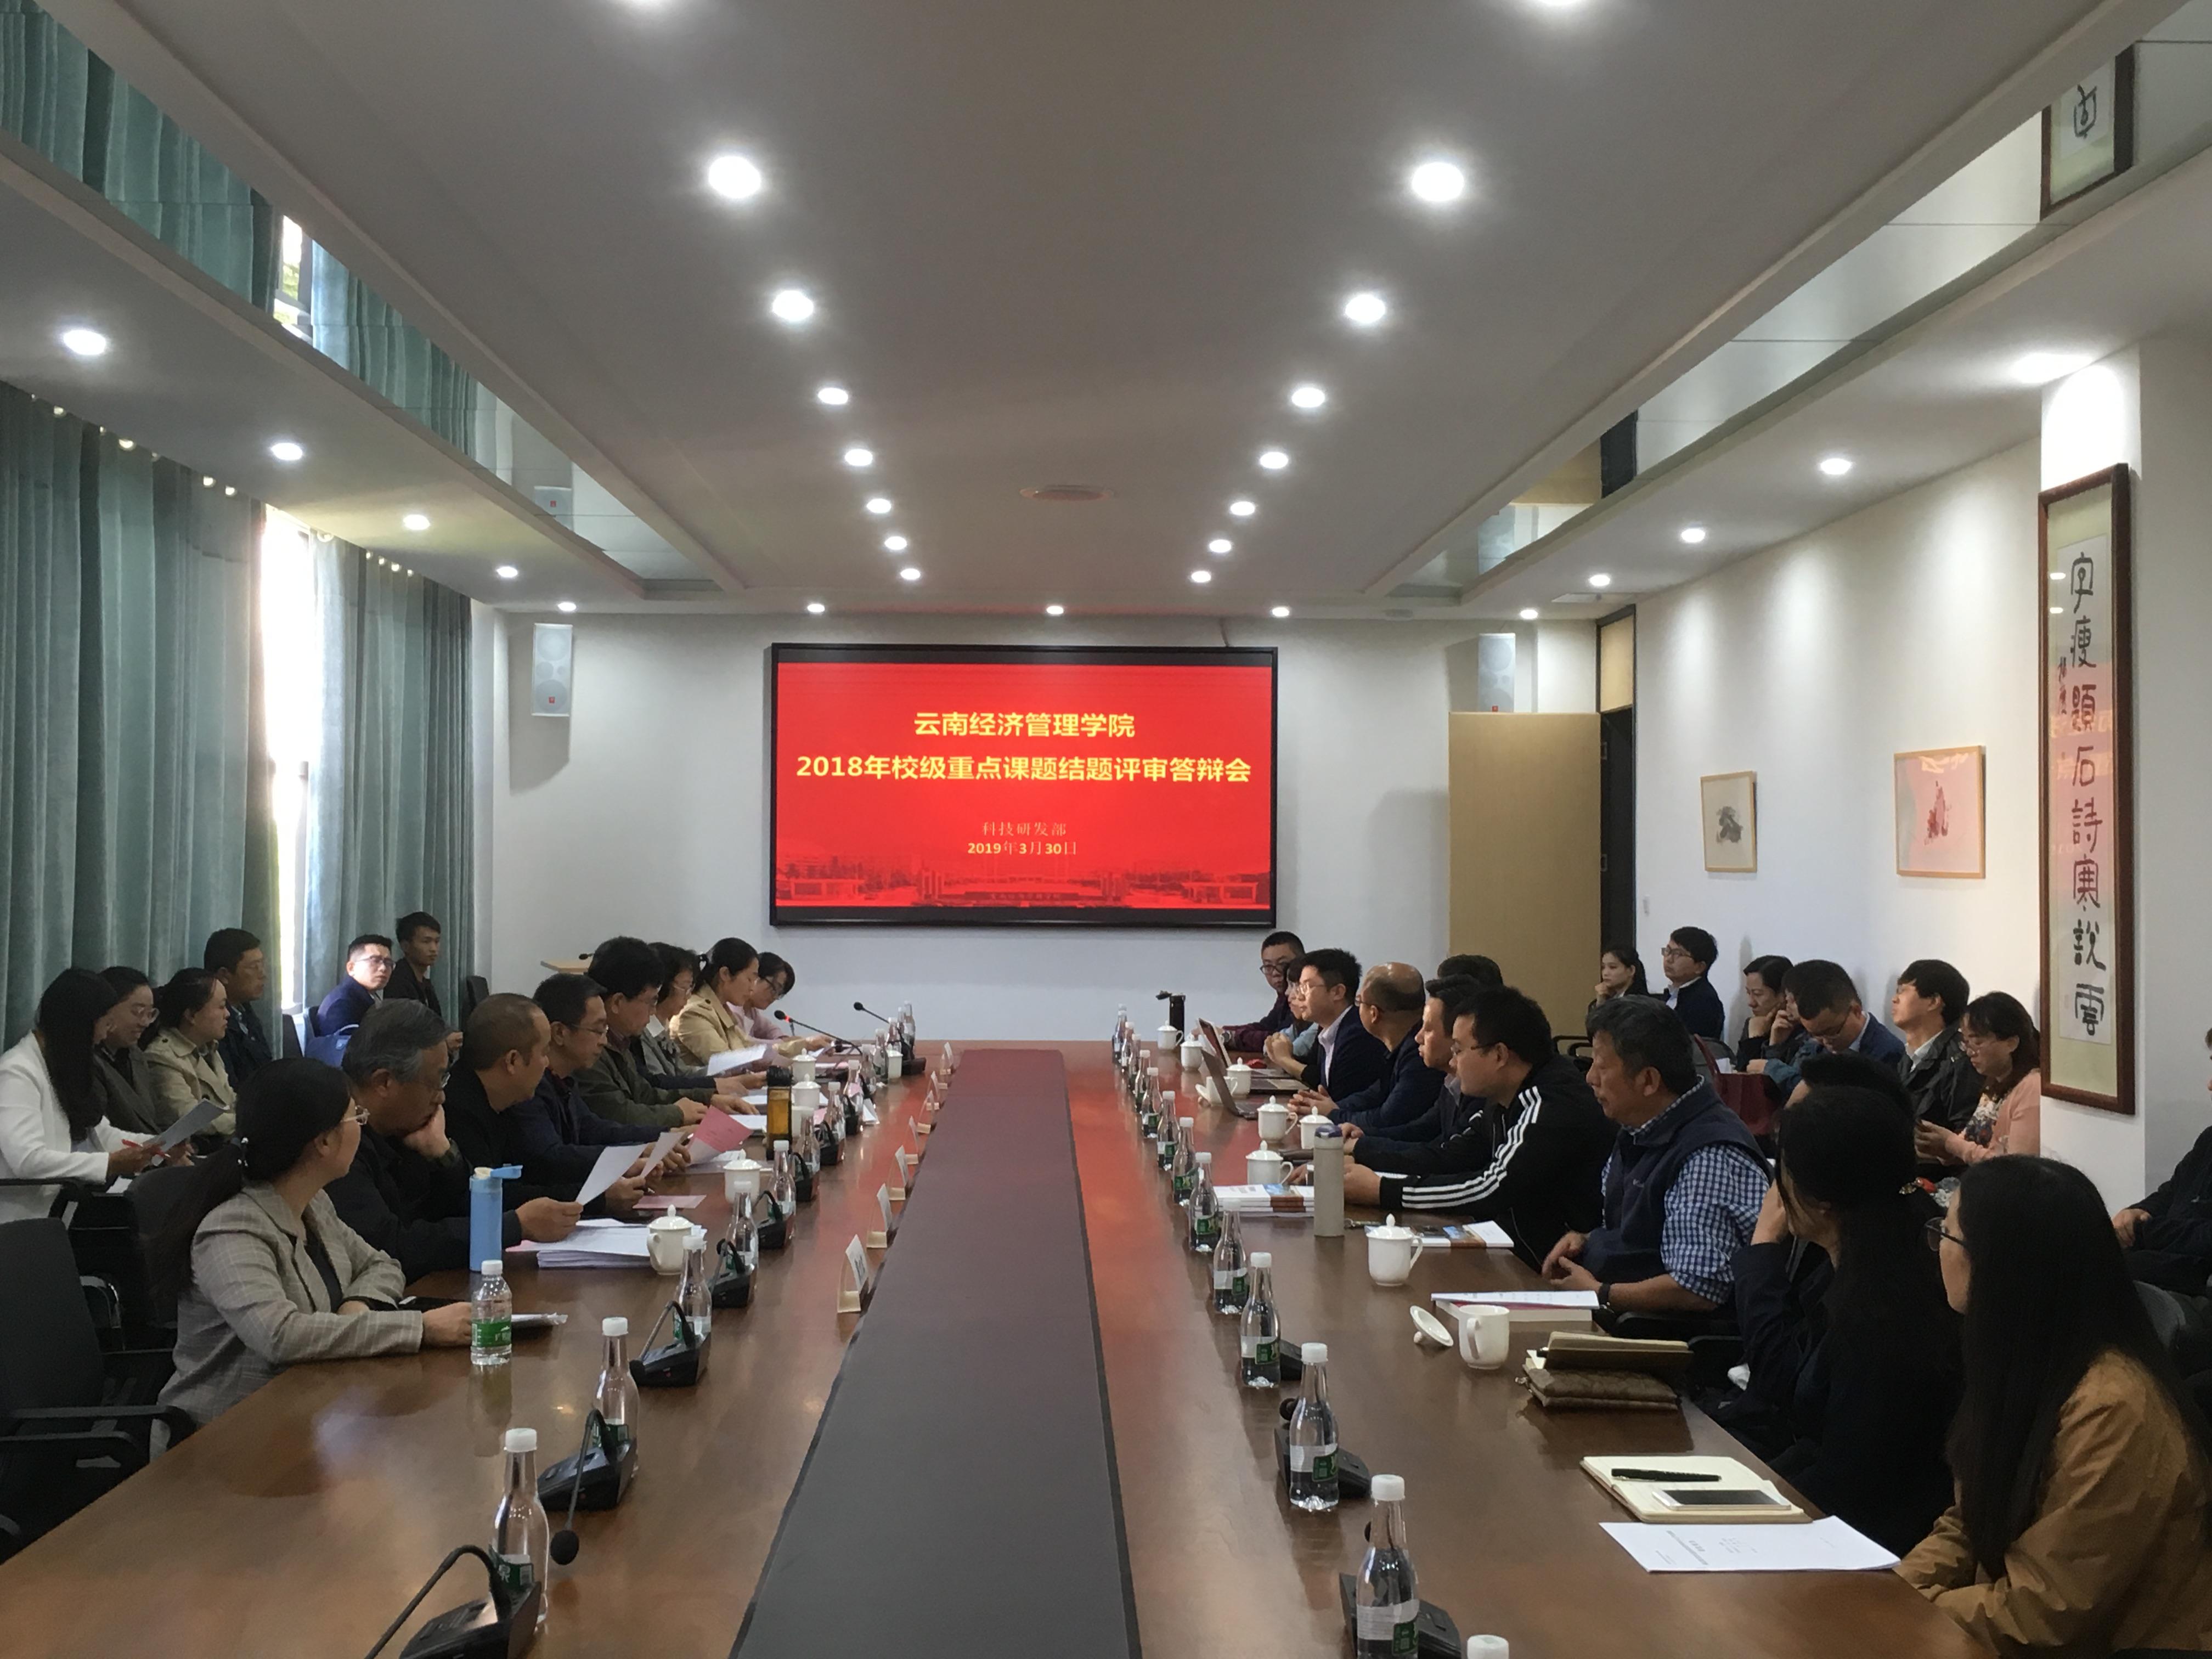 云南经济管理学院2018年校级重点